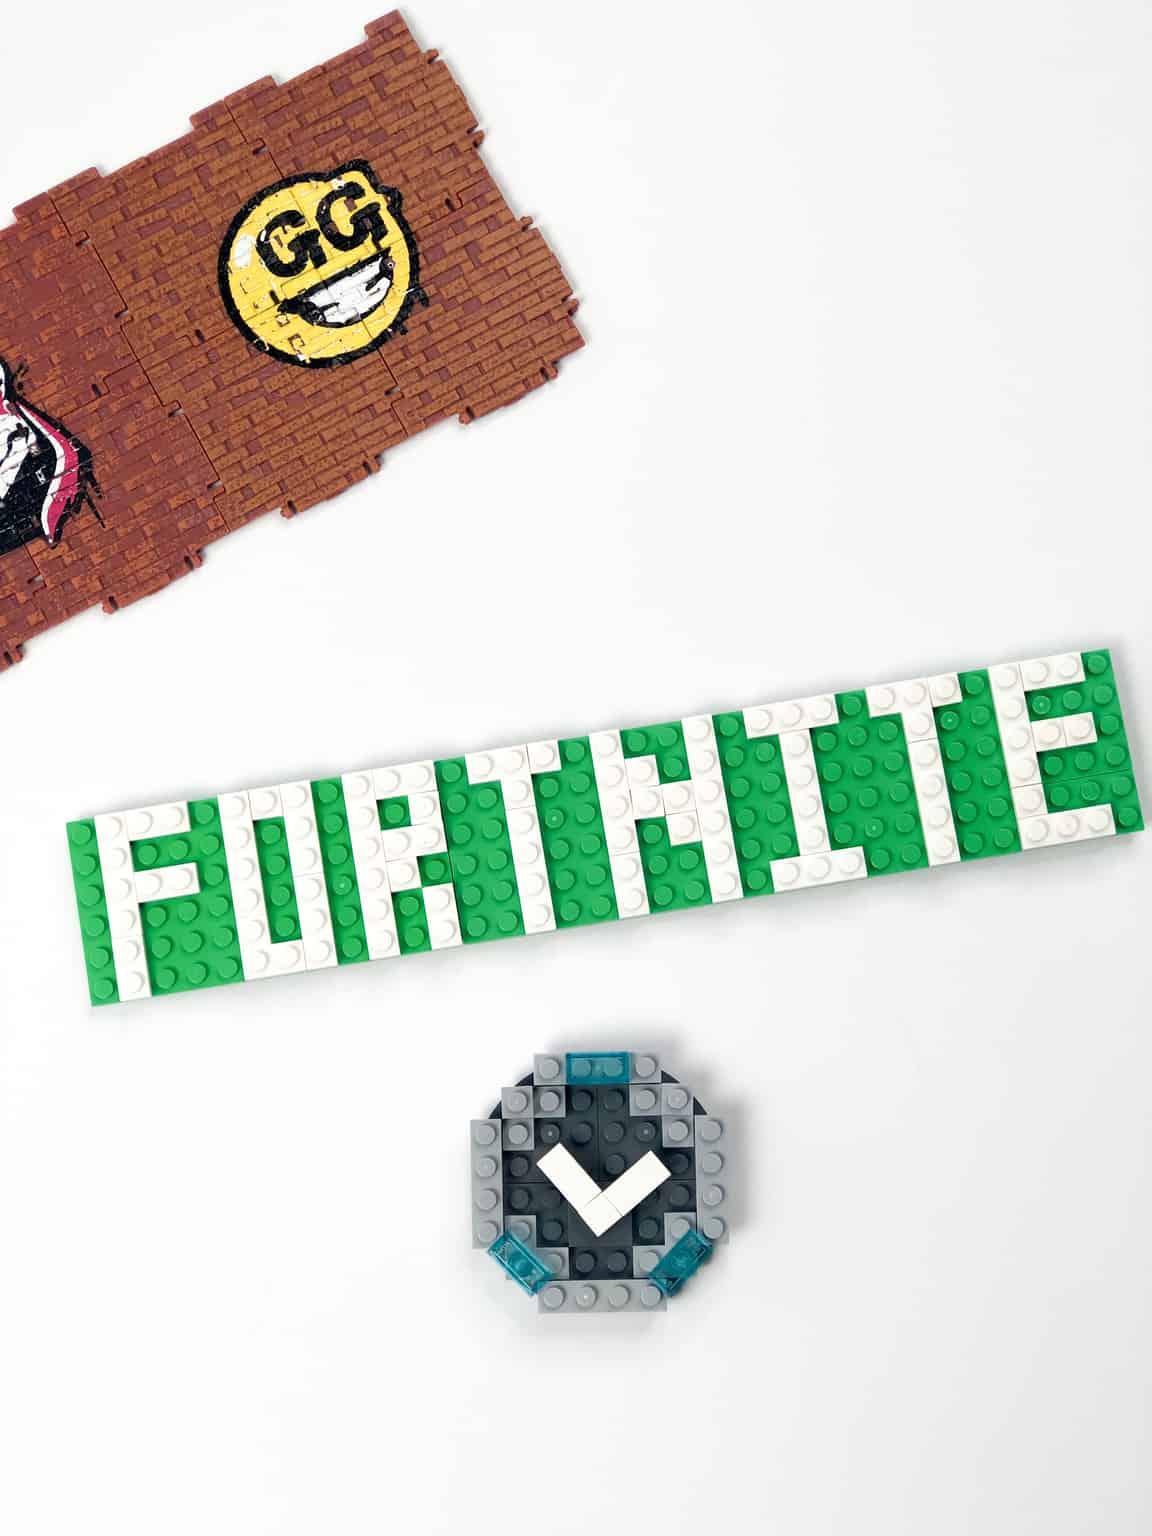 Fortnite Bear Fortnite V Bucks Fortnite Free V Bucks Generator